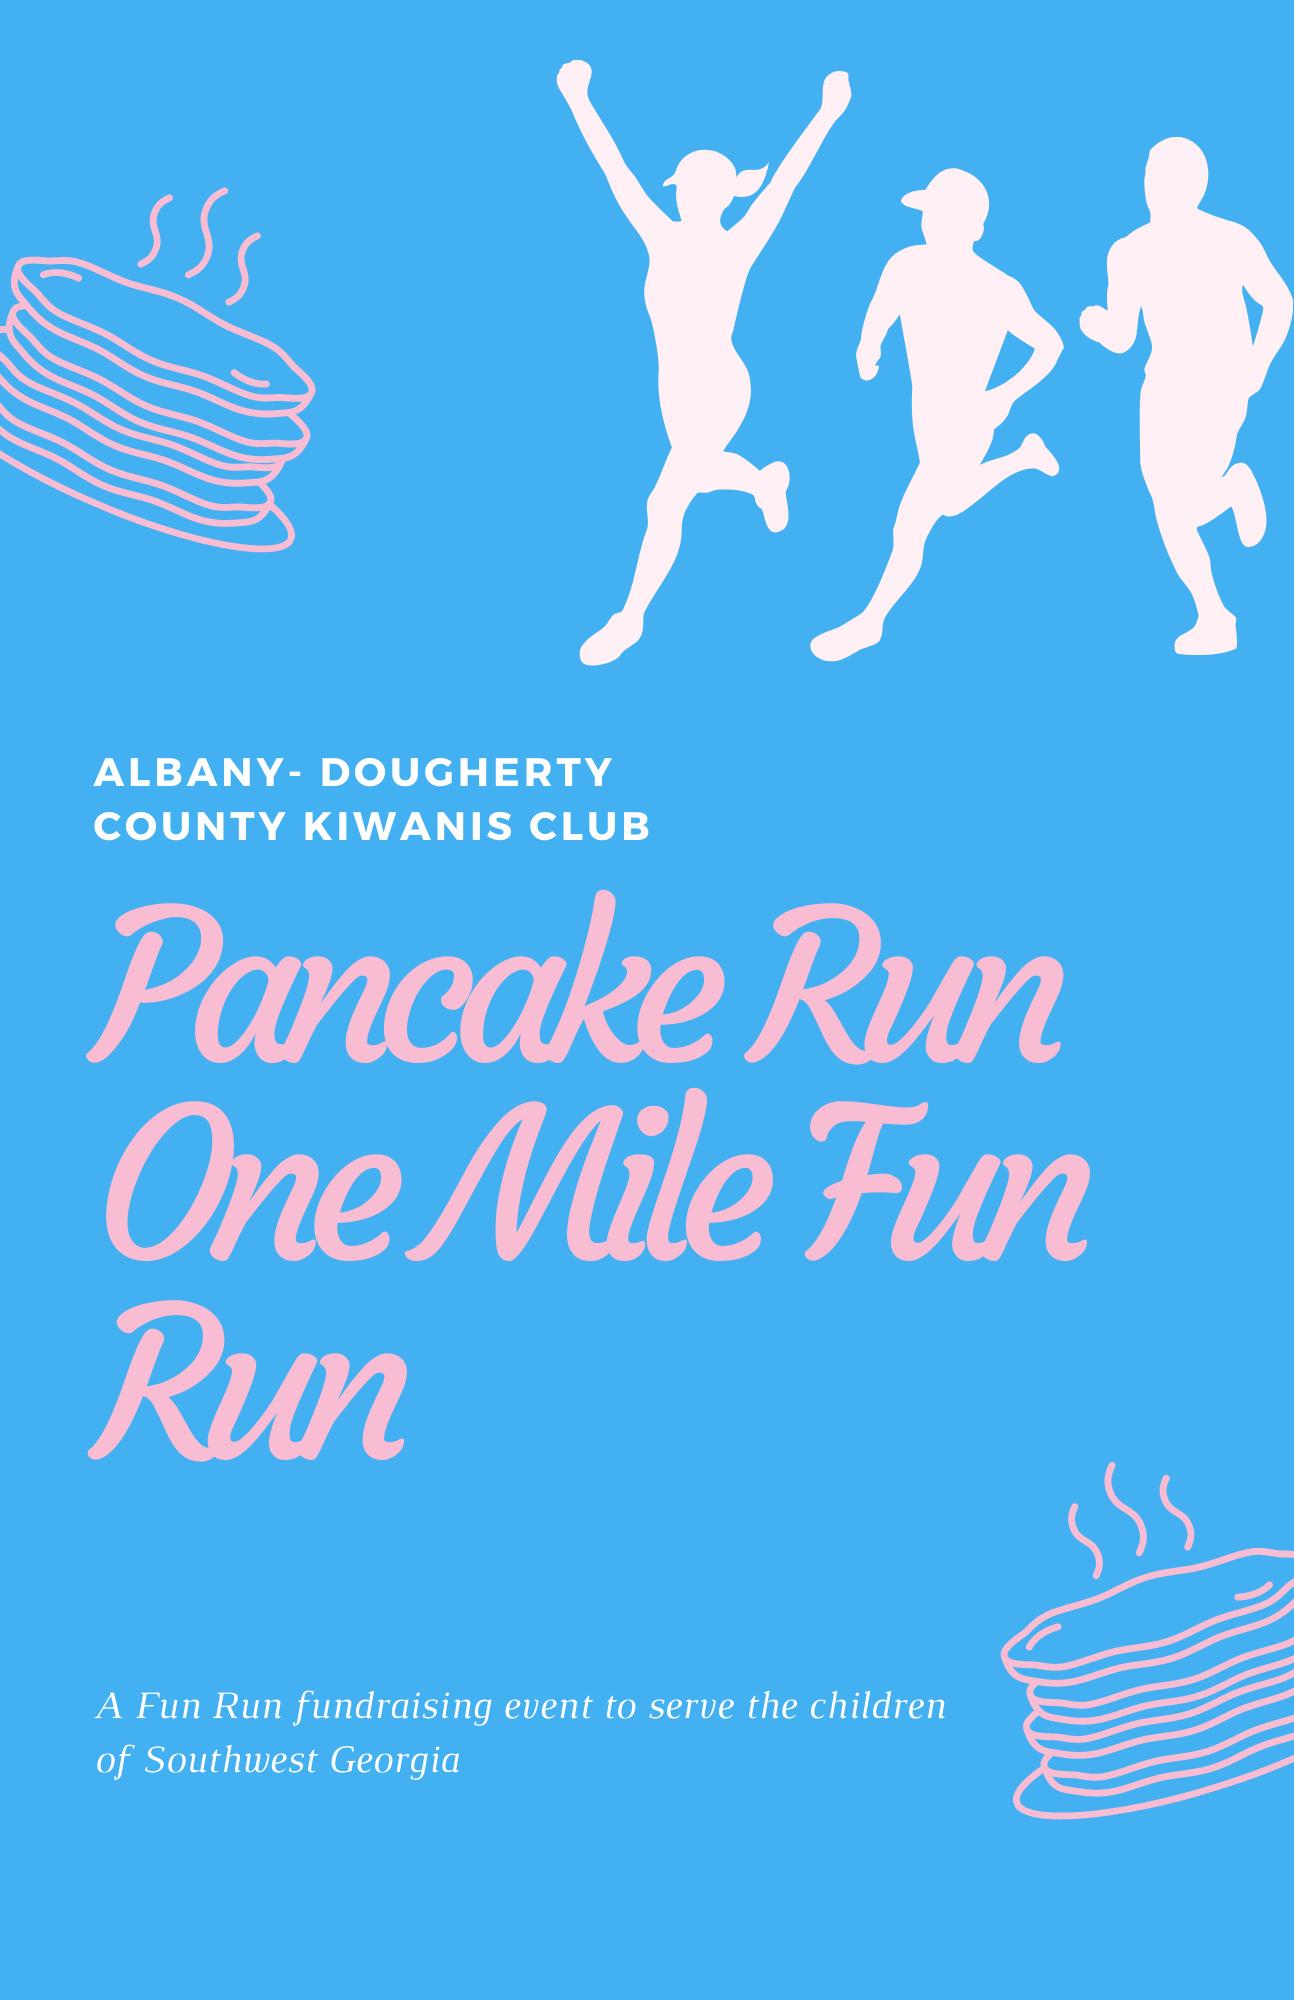 Pancake Run One Mile Fun Run